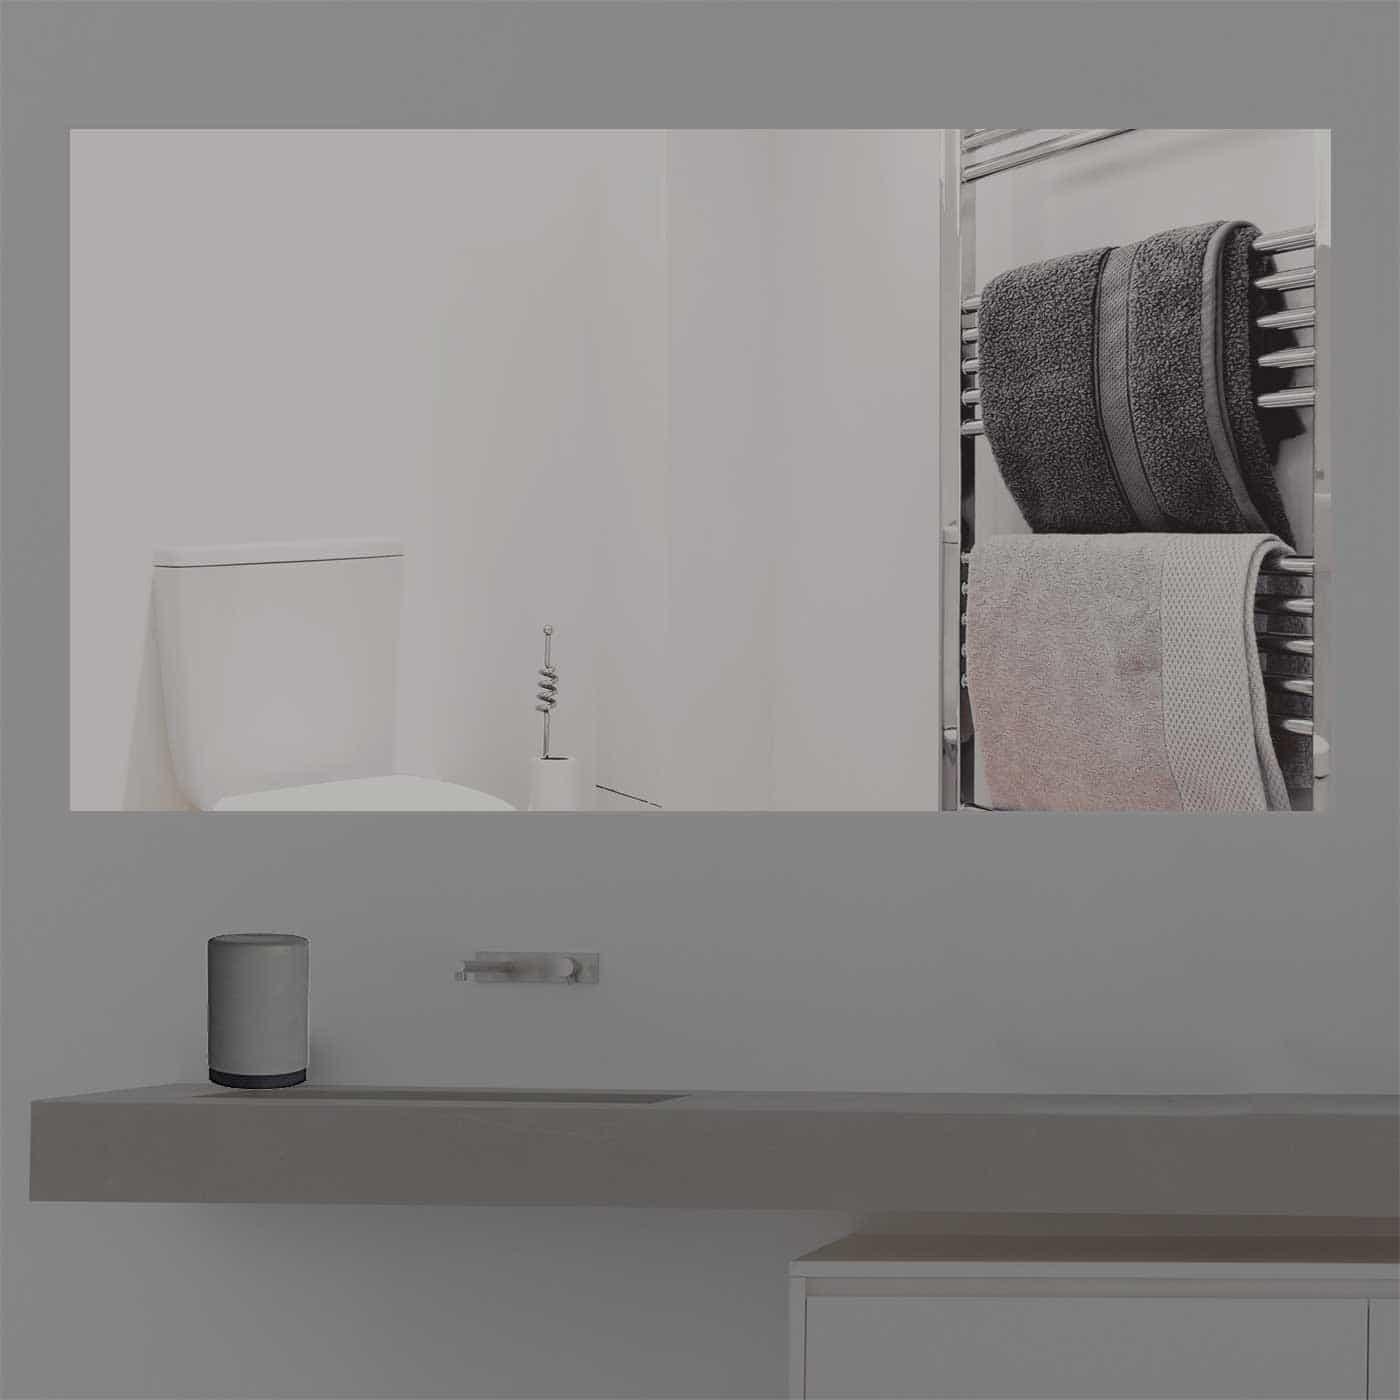 Badezimmerspiegel Rechteckig.Spiegel Nach Mass Rechteckig Versand